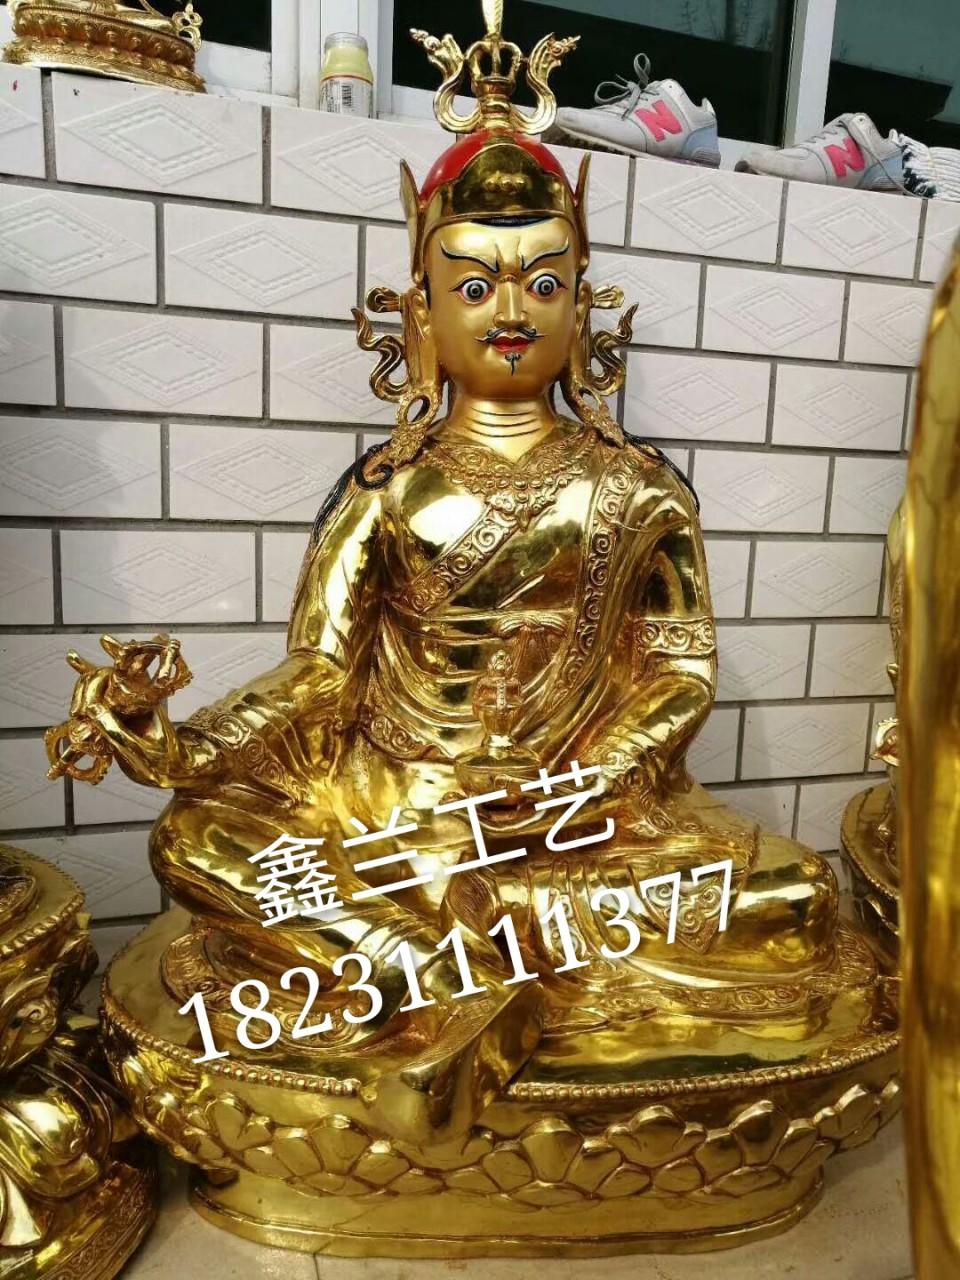 大型莲花生大士铜佛像鎏金莲师铜像 面相庄严的密宗佛像